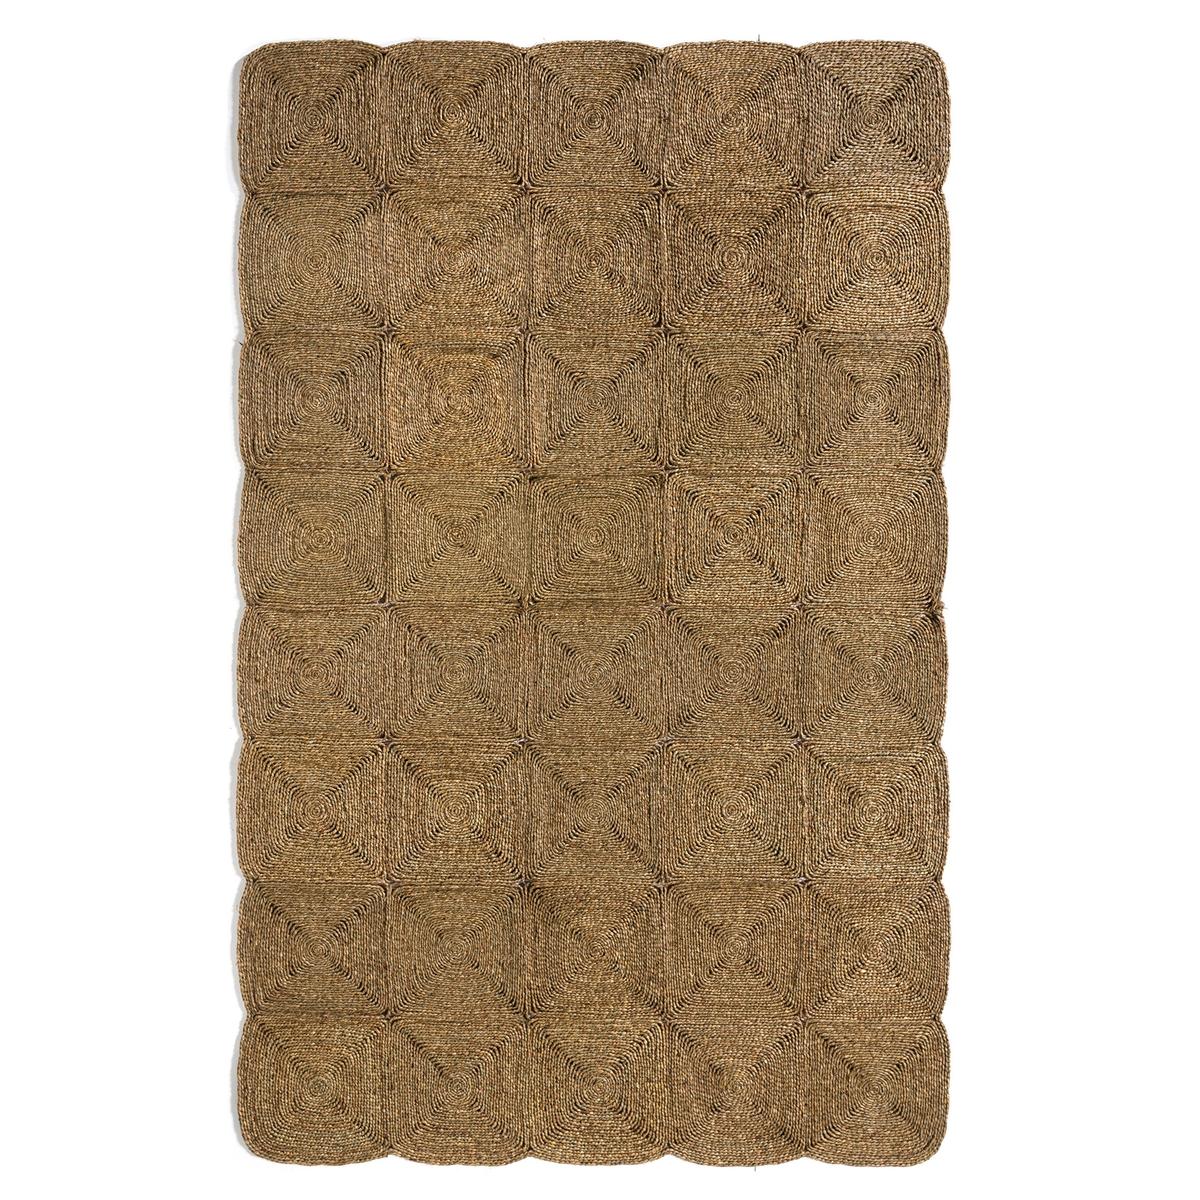 Ковер из водного гиацинта, HyacinКовер Hyacin. Ковер добавит натуральные, современные и экзотические штрихи в ваш декор. Естественный термо и звукоизолятор, ковер соединяет пространство, согревает комнату, создает ощущение благополучия и комфорта. Это элемент декора, который придает стиль и атмосферу. Характеристики :- Из плетеного водного гиацинта- Ручное плетение- СкладнойРазмеры : - 120 x 180 см- 150 x 270 см- 210 x 300 см<br><br>Цвет: серо-бежевый